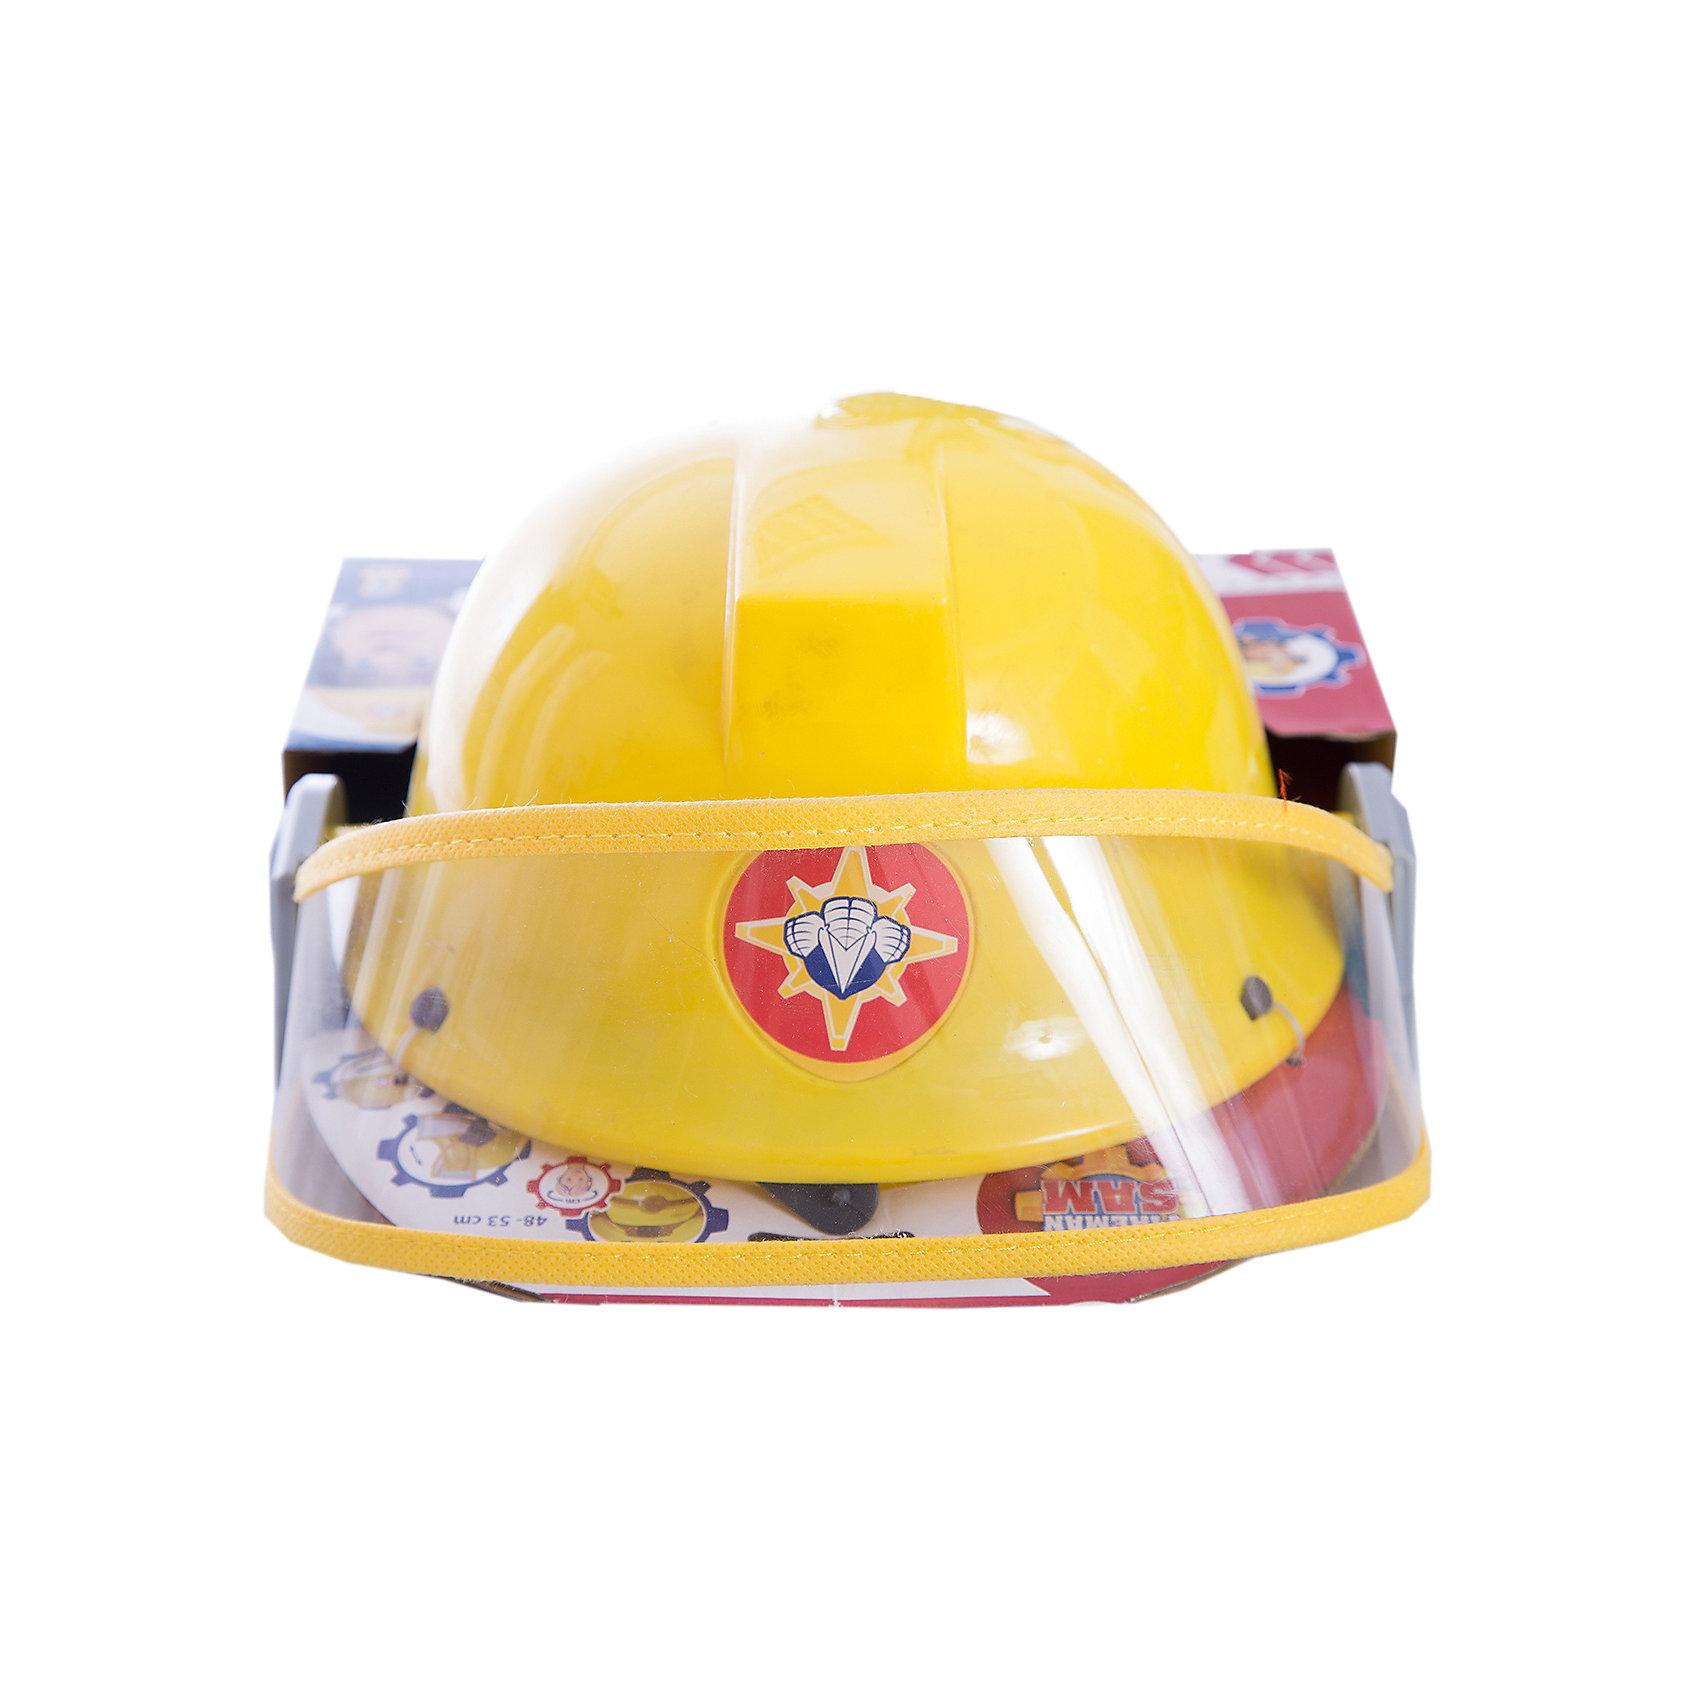 Каска Пожарный Сэм, диаметр 23 см, SimbaСюжетно-ролевые игры<br>Каска Пожарный Сэм, диаметр 23 см, Simba (Симба)<br><br>Характеристики:<br><br>• фиксирующий ремешок<br>• защитное стекло<br>• вентиляционные отверстия<br>• диаметр каски: 23 см<br>• для окружности головы: 48-53 см<br>• материал: пластик, текстиль<br>• размер упаковки: 13х23,5х27,5 см<br><br>Каска Пожарный Сэм позволит ребенку почувствовать себя настоящим пожарником из любимого мультфильма. Каска выполнена из прочного пластика с фиксирующим ремешком из текстиля. Защитное стекло предотвратит повреждение глаз малыша. Вентиляционные отверстия в шлеме позволяют коже ребенка дышать во время игры. <br><br>Каску Пожарный Сэм, диаметр 23 см, Simba (Симба) вы можете купить в нашем интернет-магазине.<br><br>Ширина мм: 240<br>Глубина мм: 260<br>Высота мм: 200<br>Вес г: 200<br>Возраст от месяцев: 36<br>Возраст до месяцев: 84<br>Пол: Мужской<br>Возраст: Детский<br>SKU: 5506952